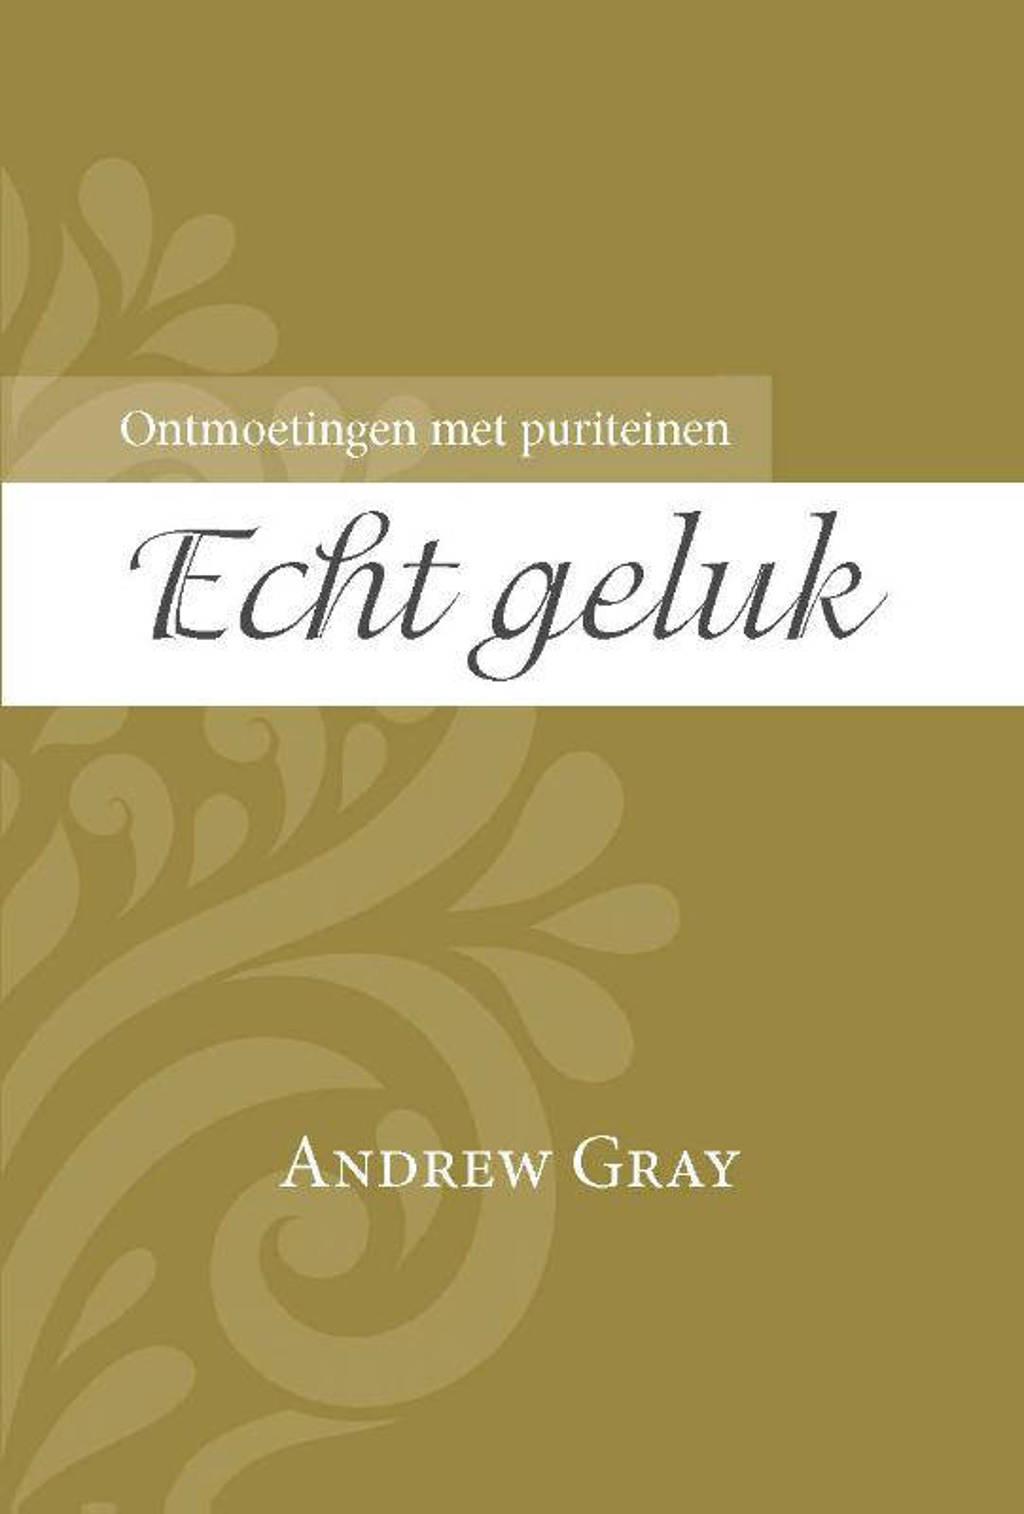 Echt geluk - Andrew Gray